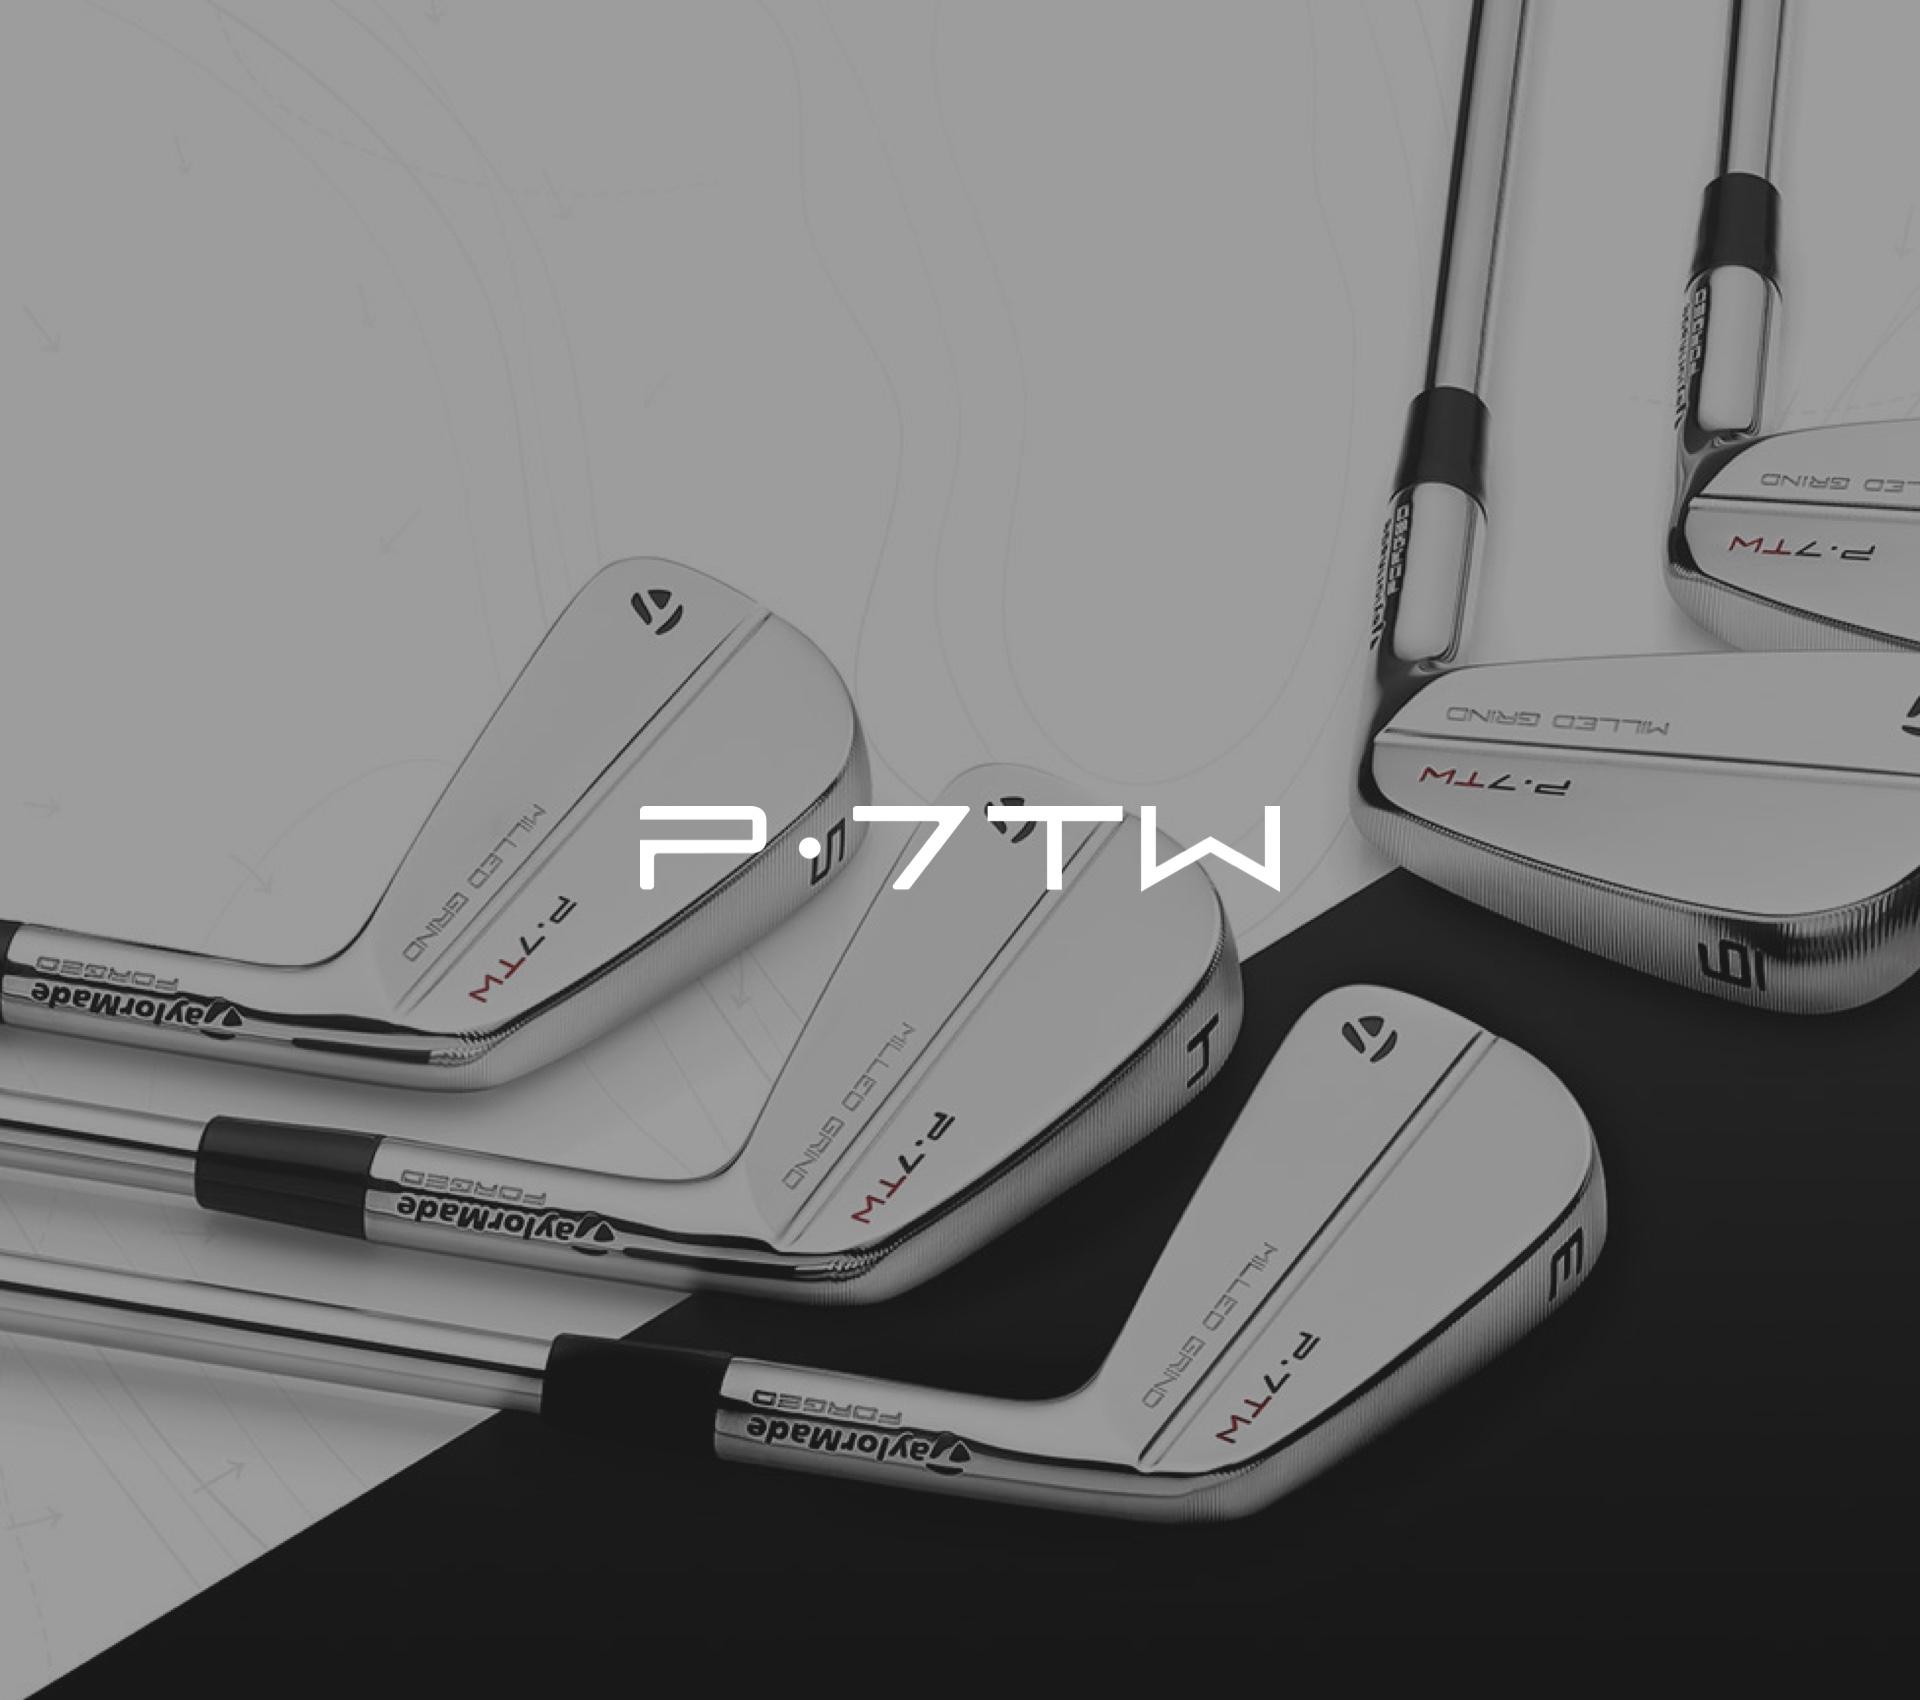 Perpendiculaire P7TW